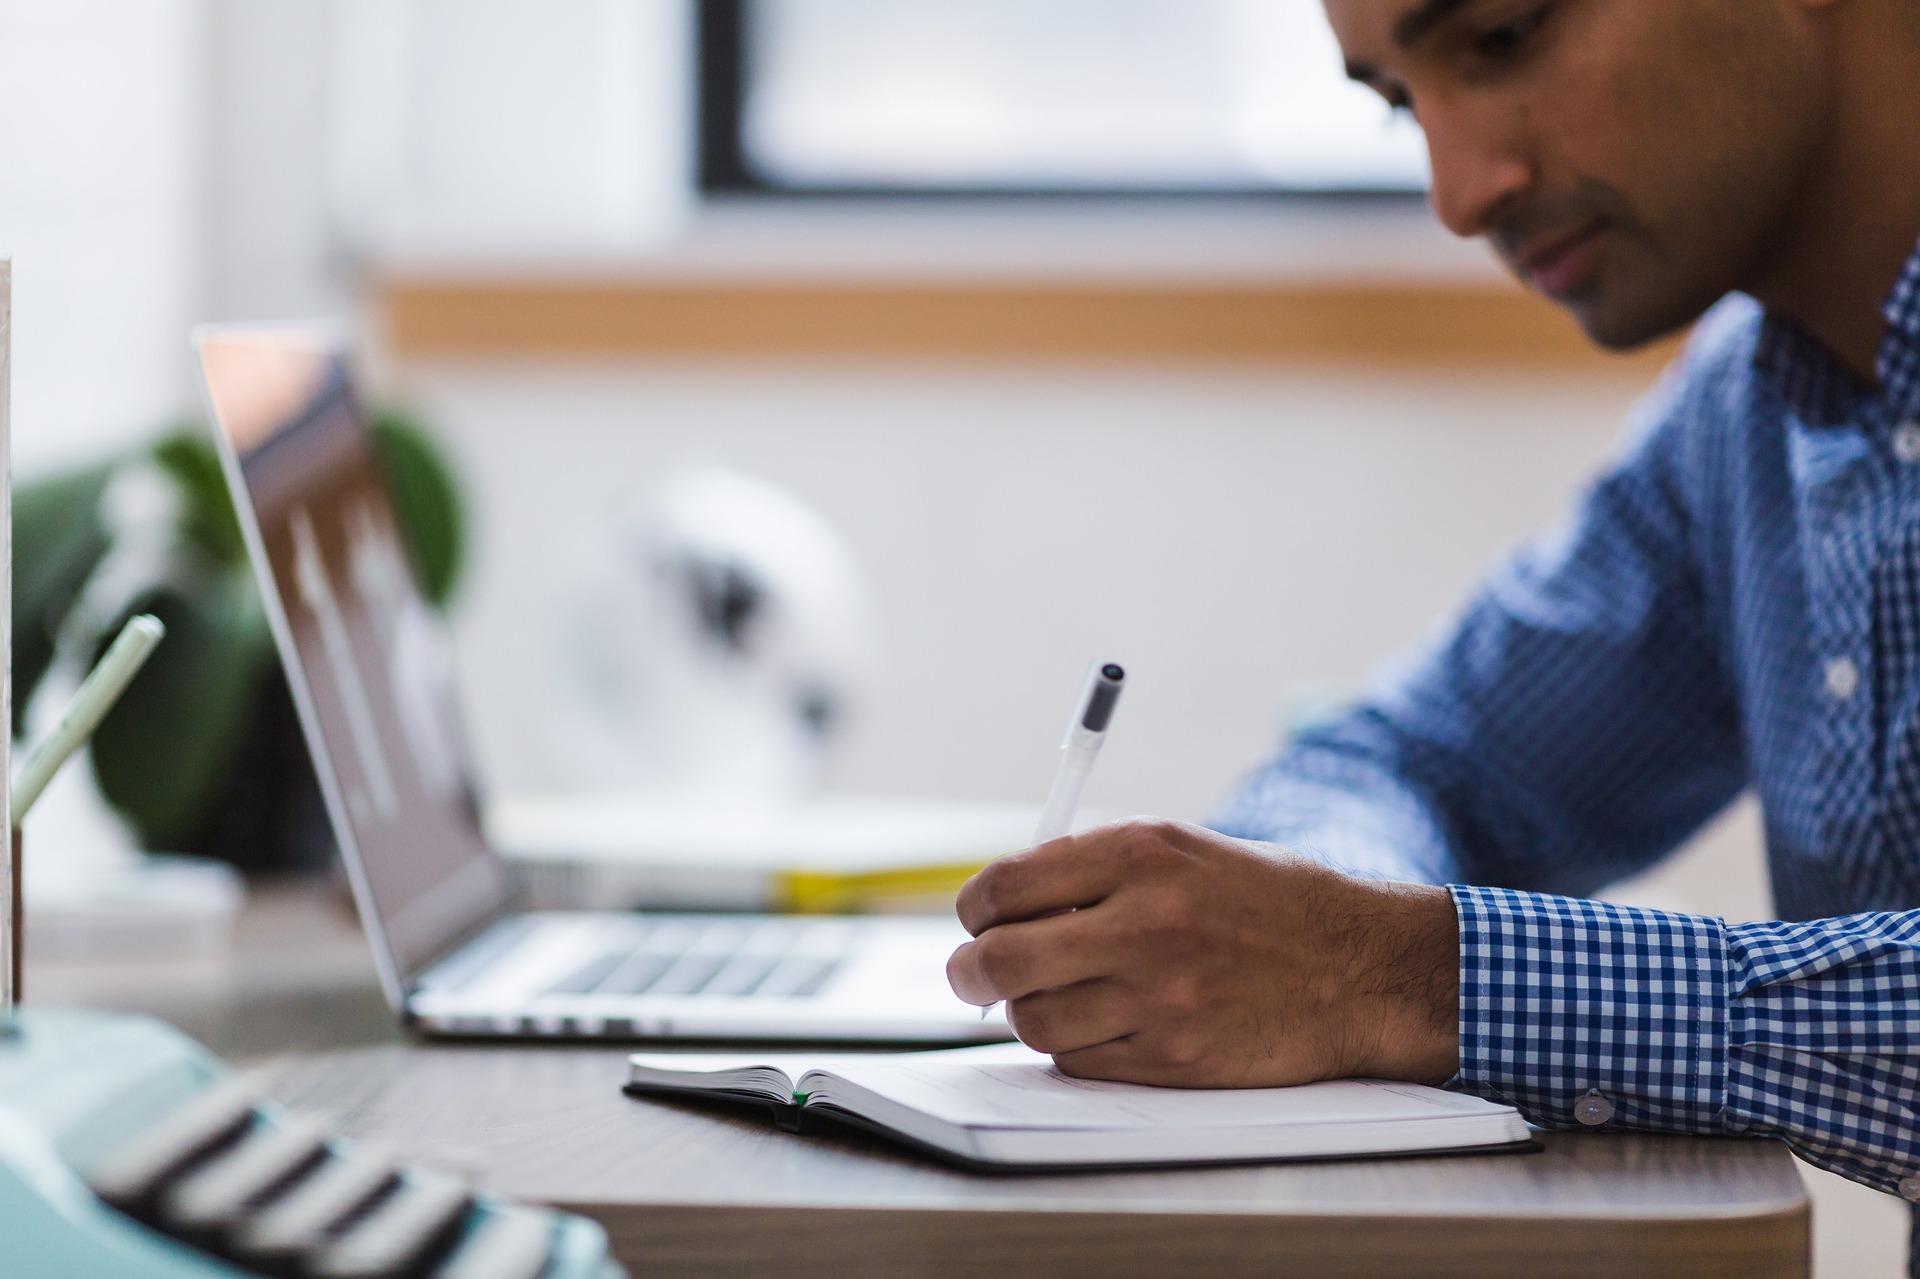 כיצד לימודי כלכלה יכולים לסייע לכם בניהול העסק?